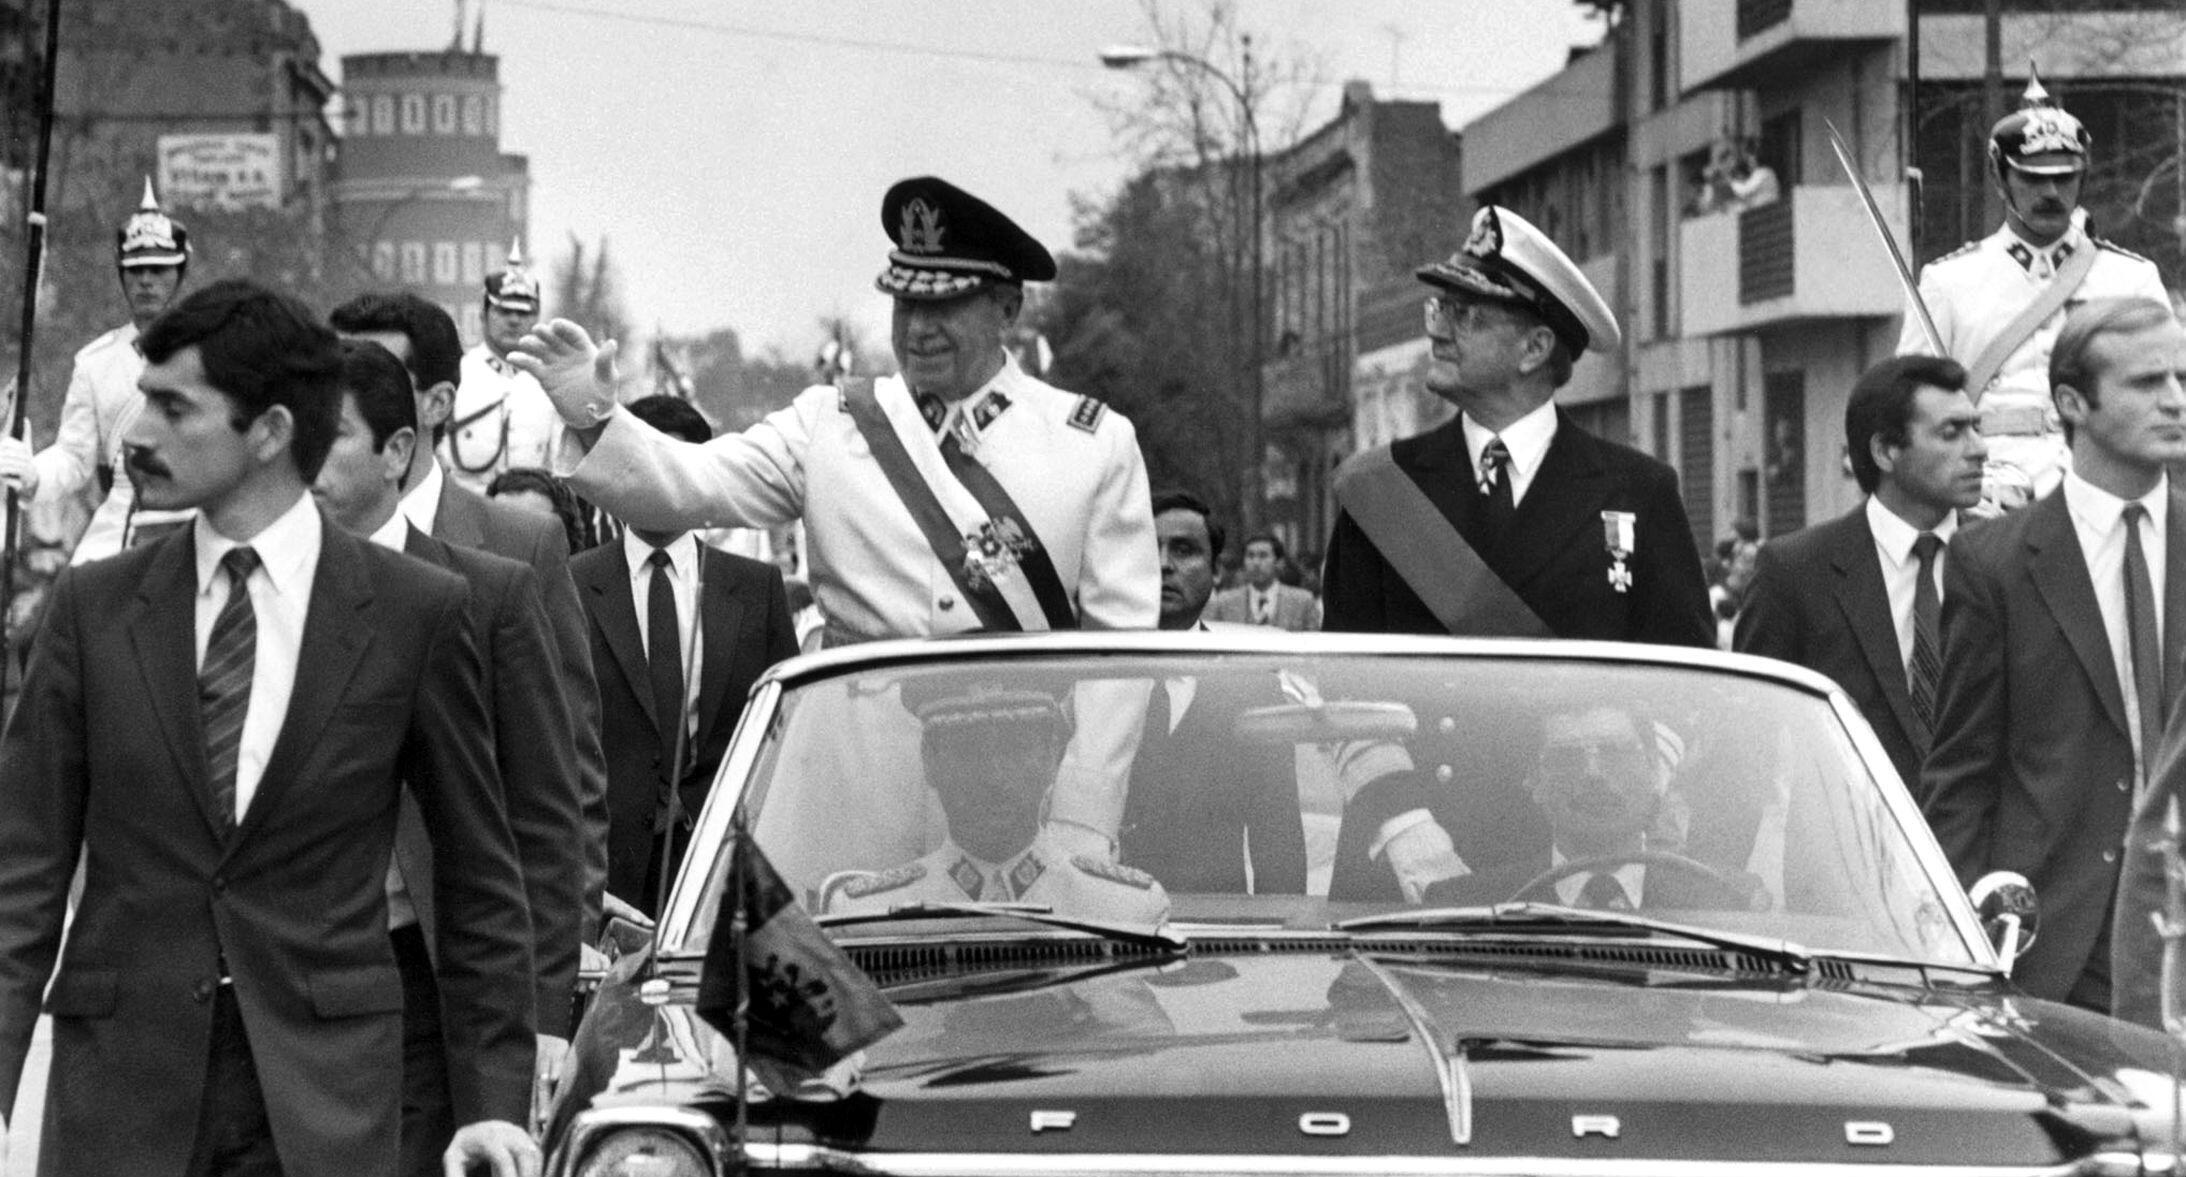 El dictador chileno Augusto Pinochet, saluda desde su auto en las calles de Santiago de Chile, después de dar un golpe Estado. 11 de septiembre de 1973.